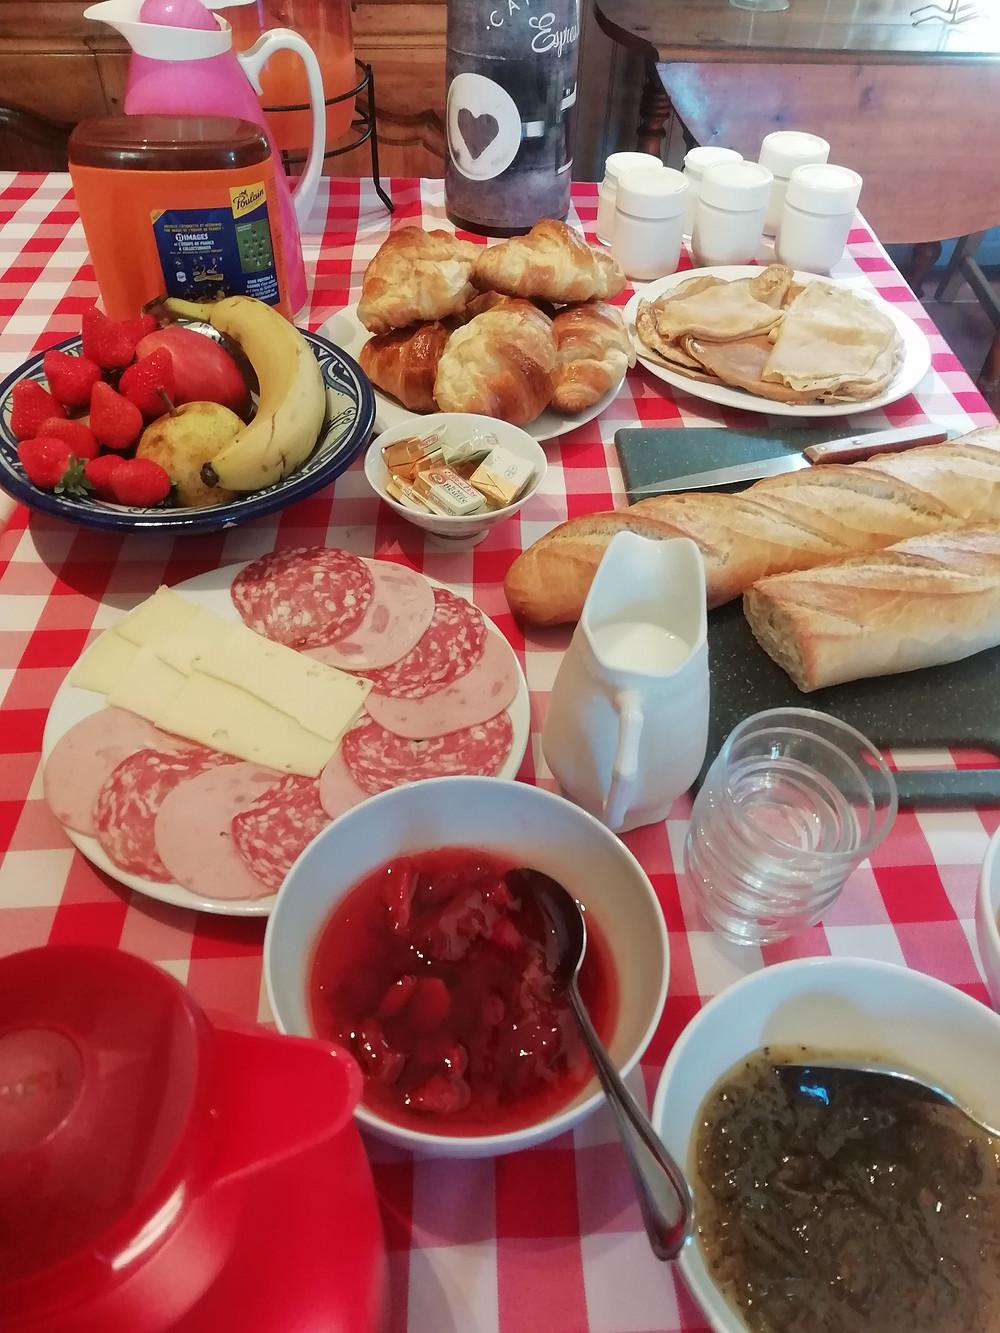 Un partie de la composition du buffet de petit déjeuner, que des gourmandises maison!!